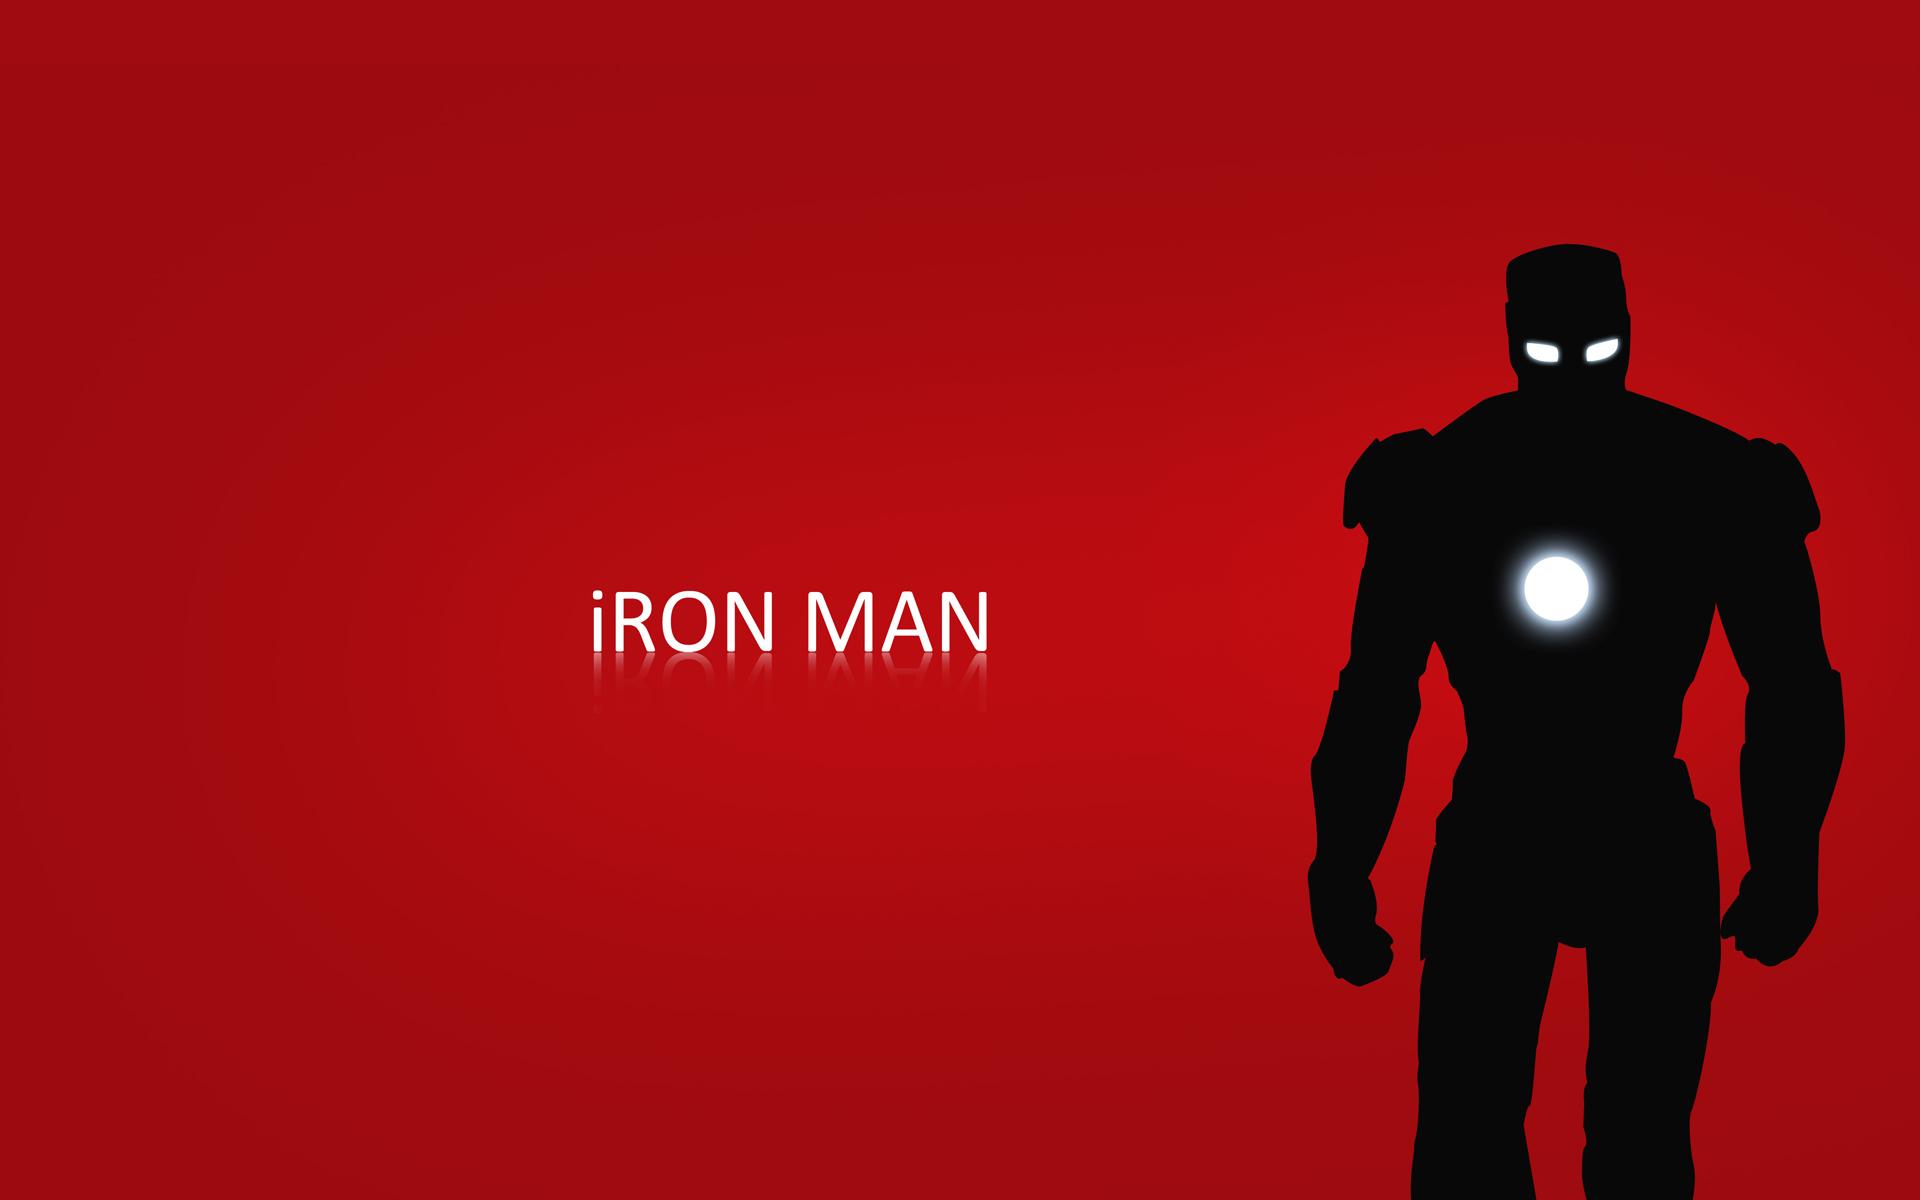 Iron Man Red Wallpaper 220107